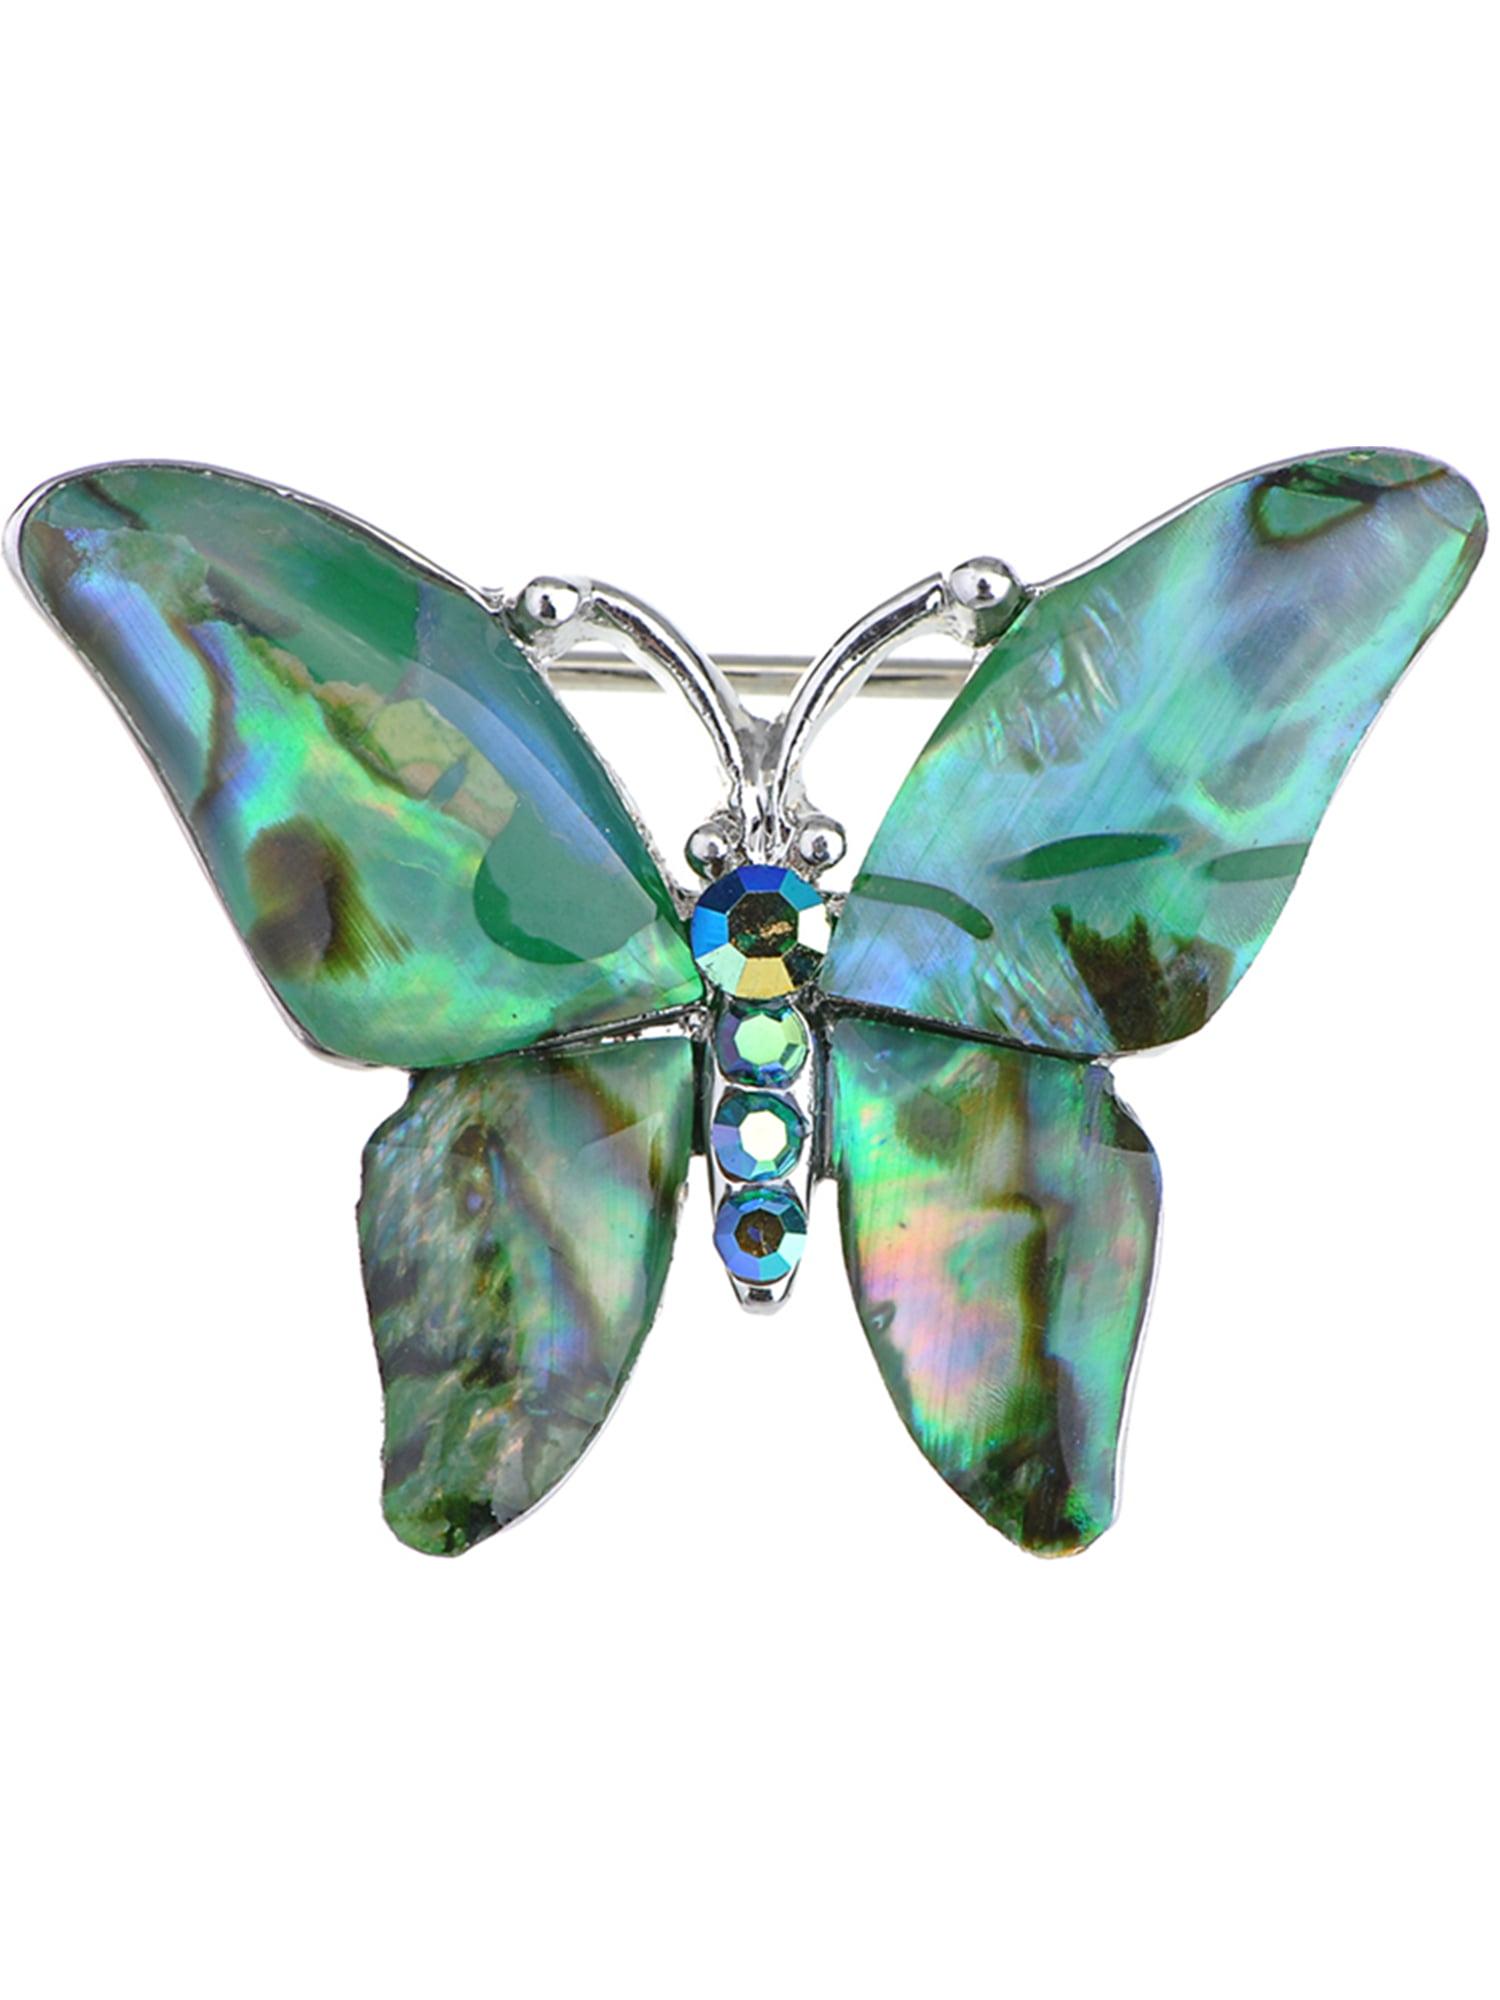 Blue Stylish Rhinestone Enamel Painted Butterfly Brooch Buty Pin Pendant Jewelry